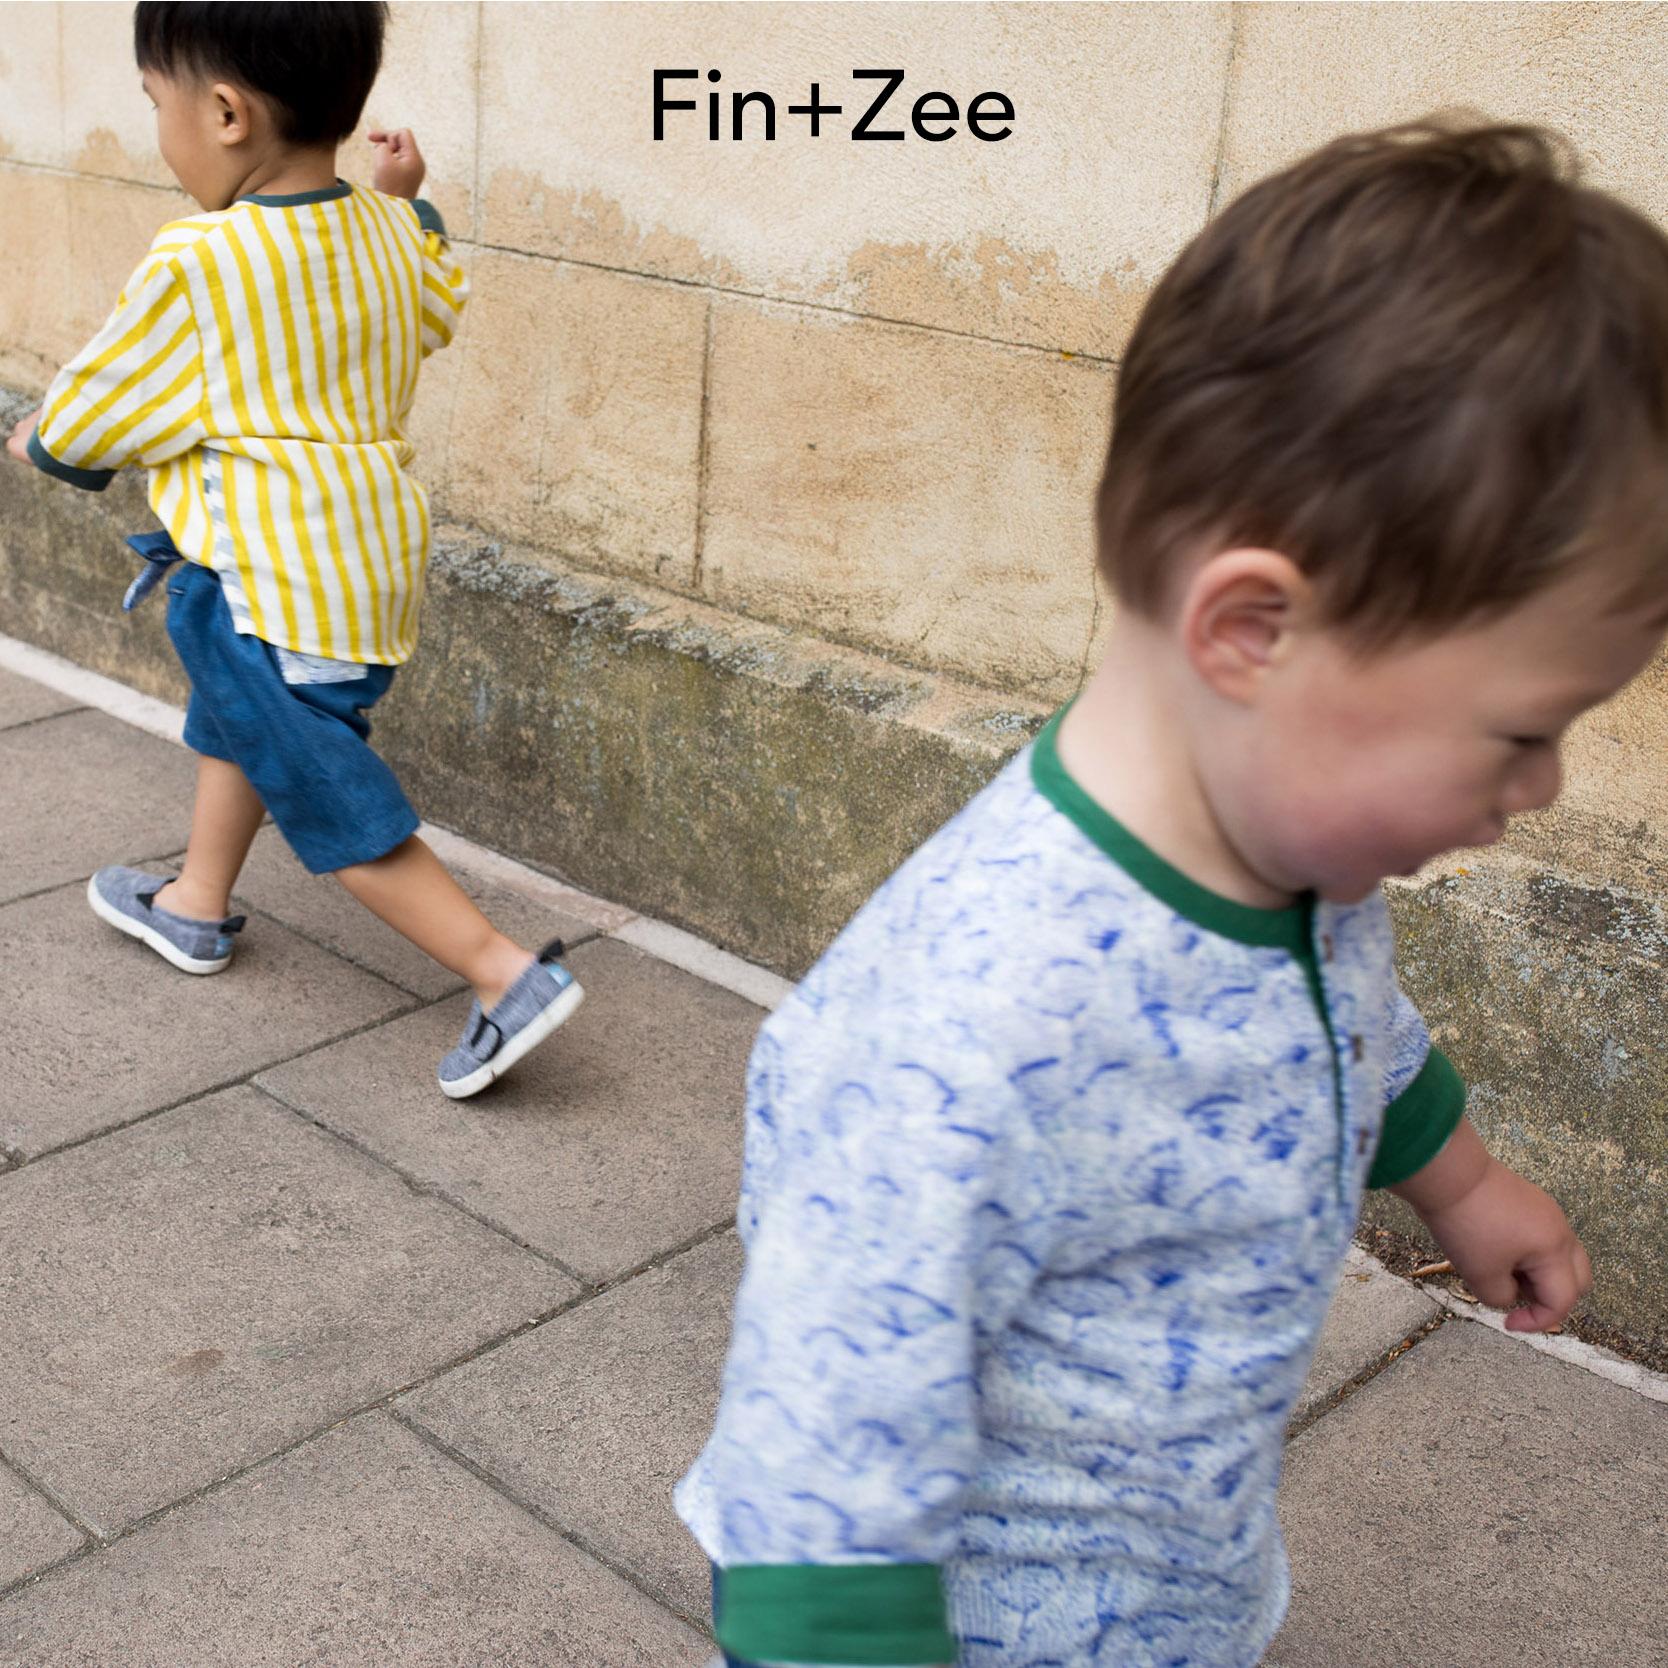 Fin+Zee